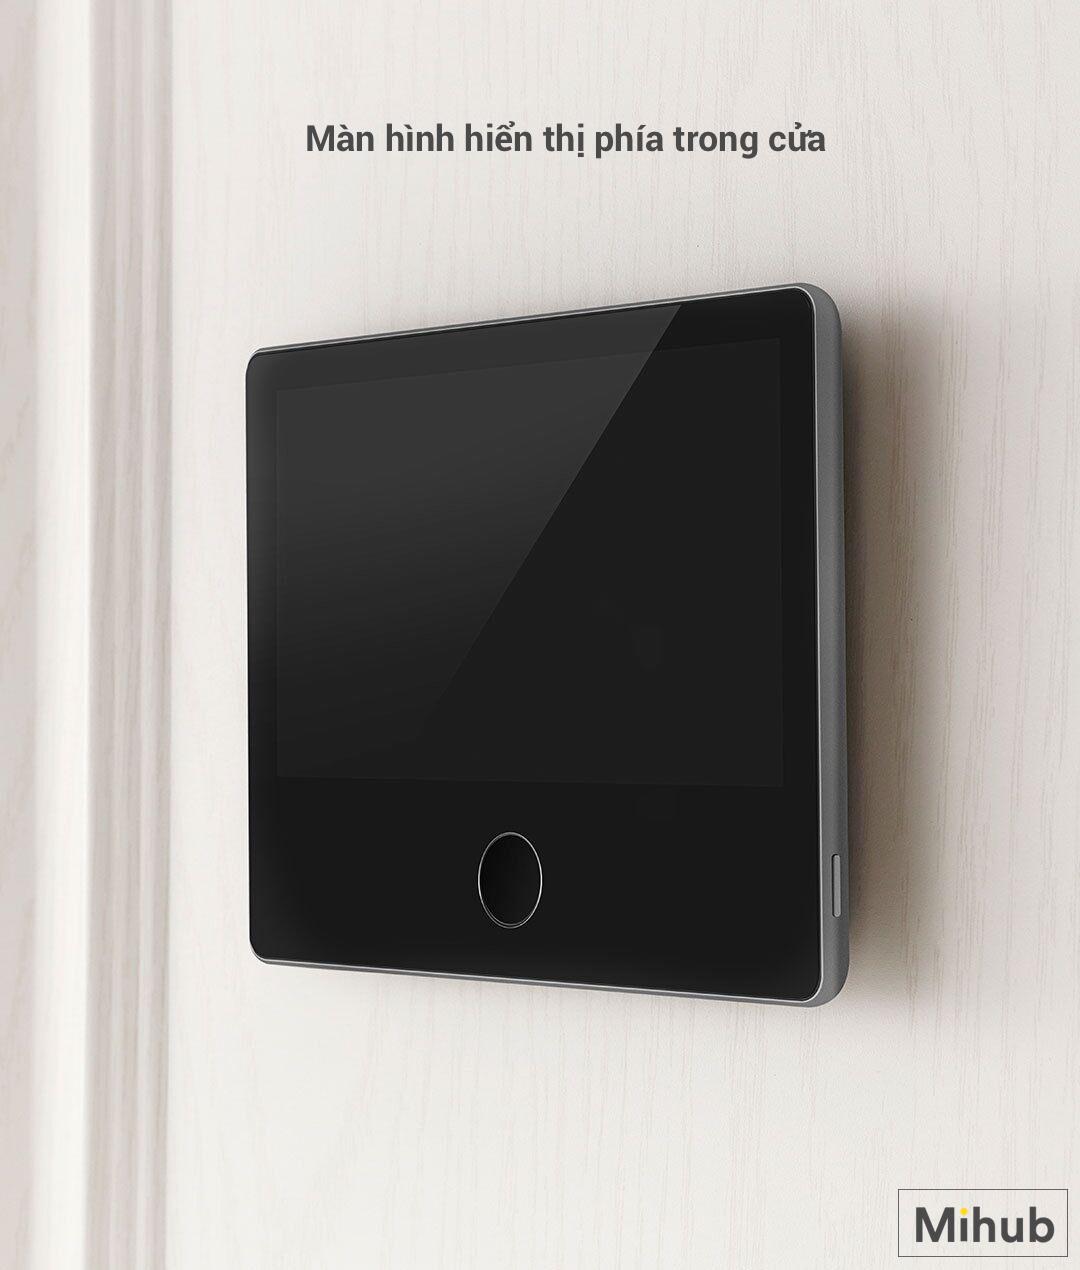 Chuông Cửa Video Thông Minh Xiaomi LOOCK CatY LSC-Y01 18